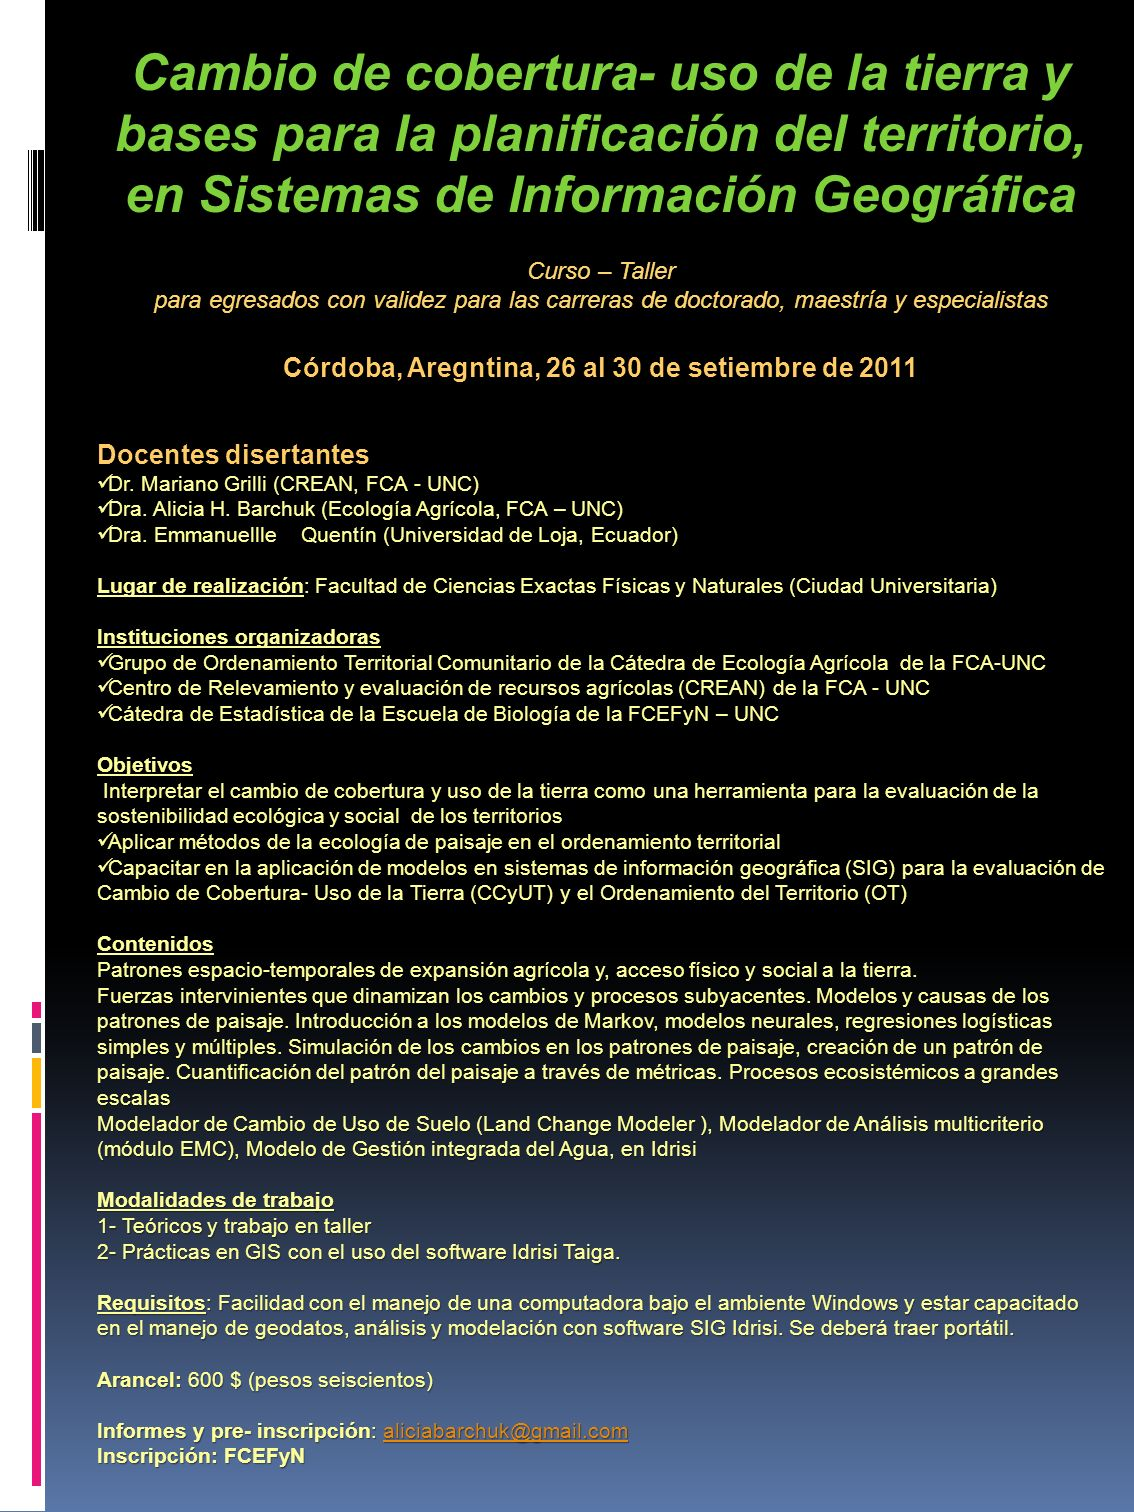 Cambio de cobertura- uso de la tierra y bases para la planificación del territorio, en Sistemas de Información Geográfica Curso – Taller para egresados con validez para las carreras de doctorado, maestría y especialistas Córdoba, Aregntina, 26 al 30 de setiembre de 2011 Docentes disertantes Dr.